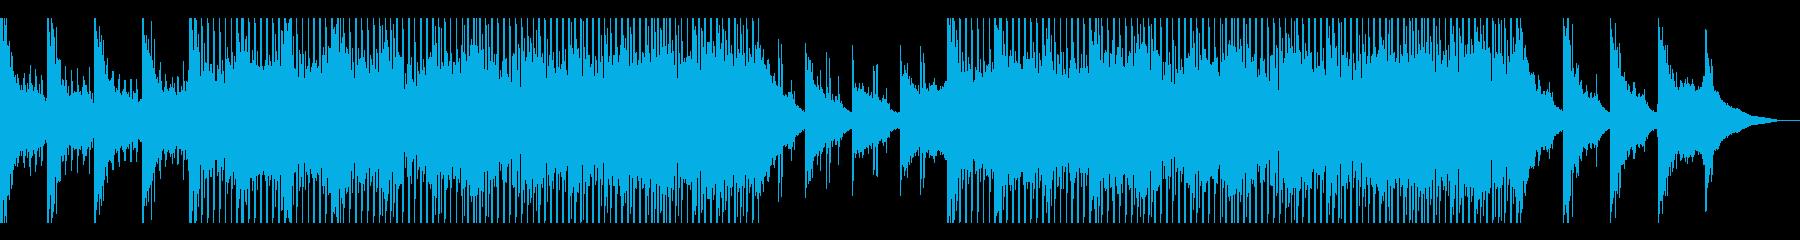 力強くて印象的なピアノのメロディです。の再生済みの波形